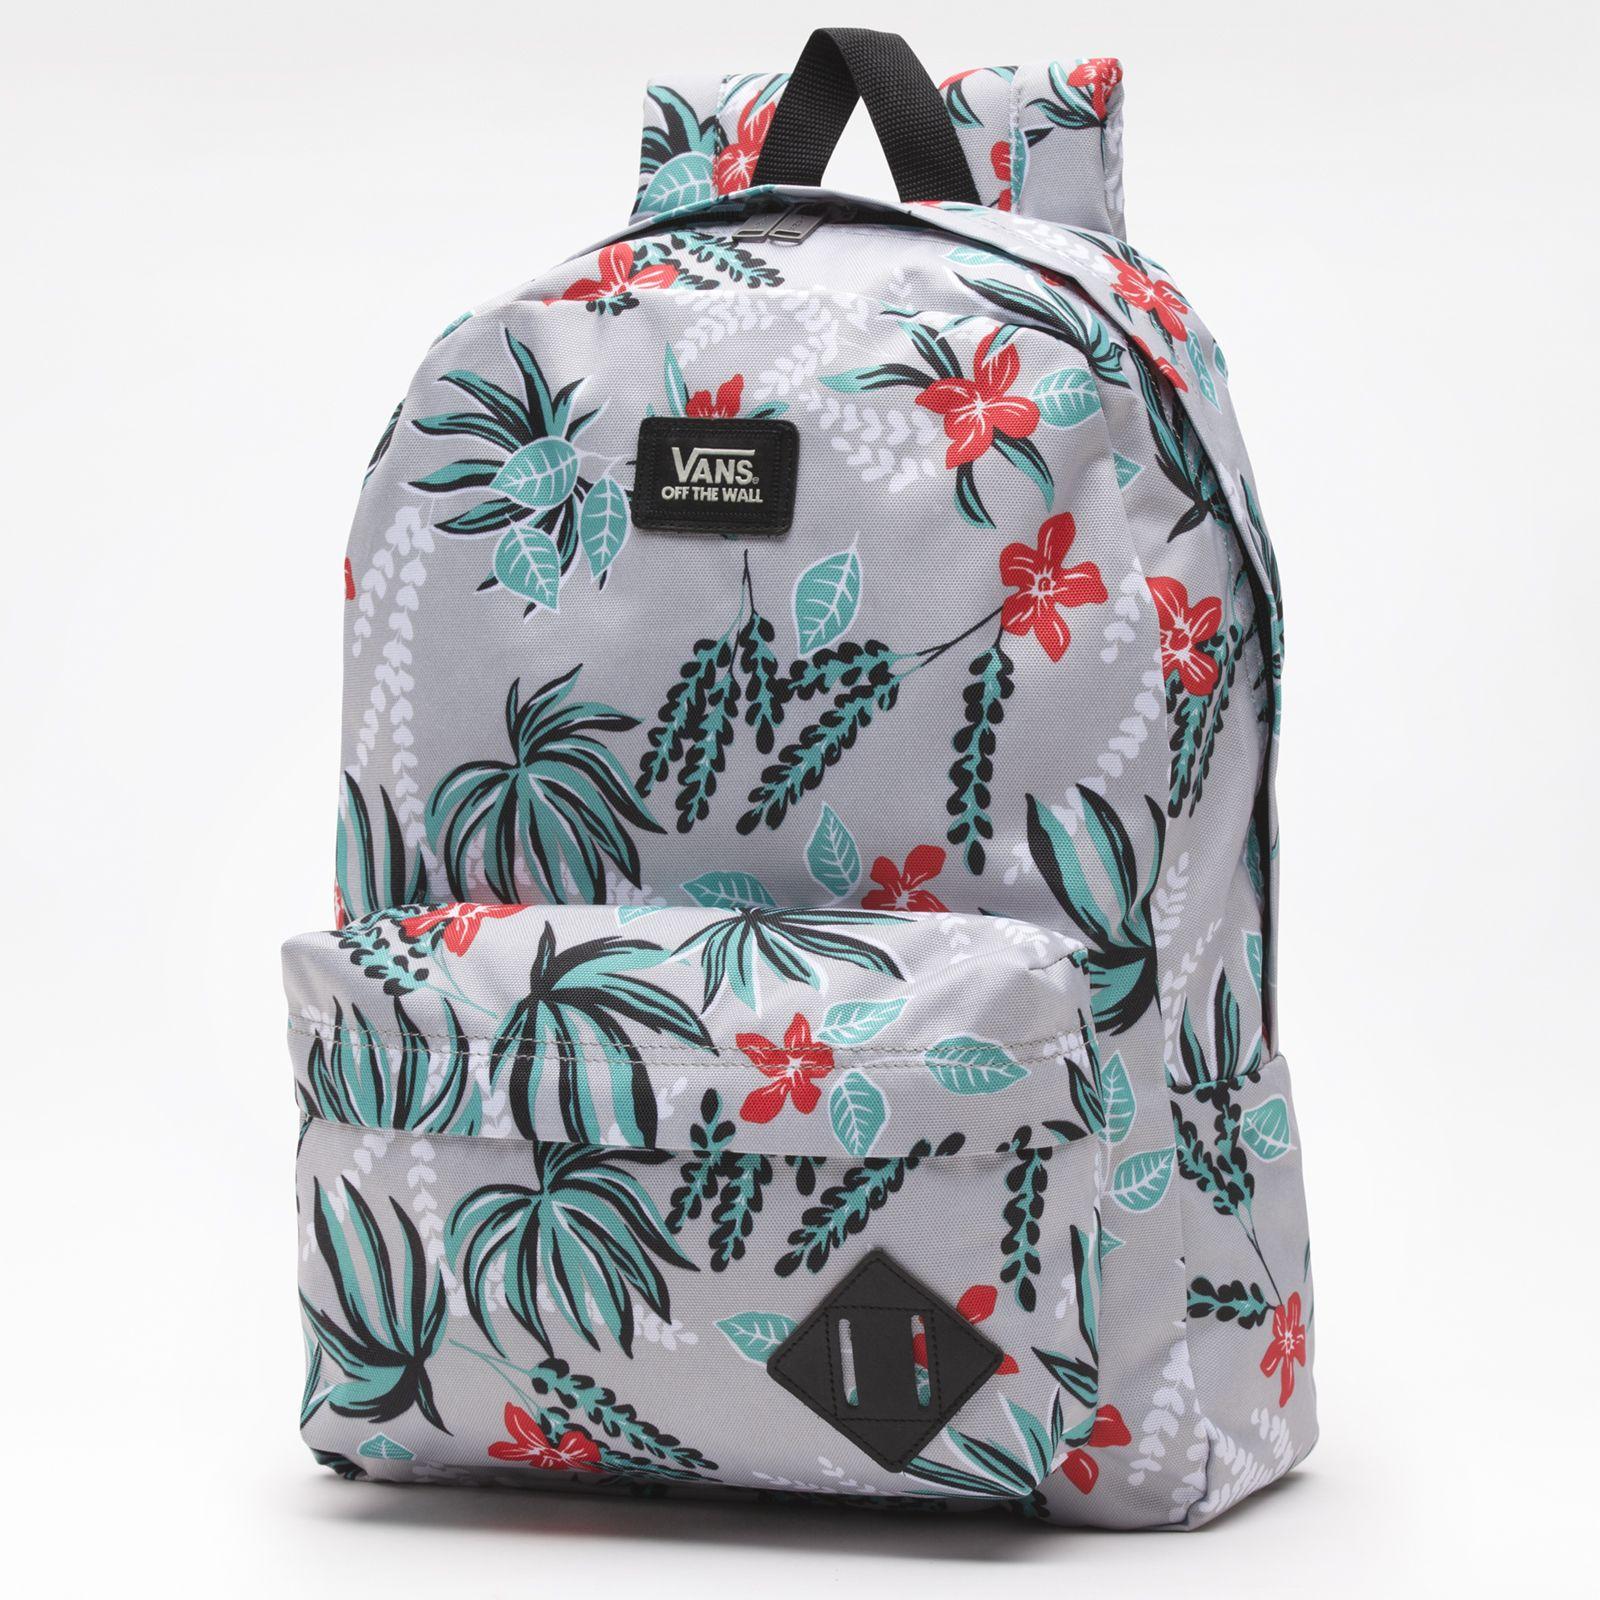 Vans Old Skool II Backpack Grey Floral | Vans bags, Vans